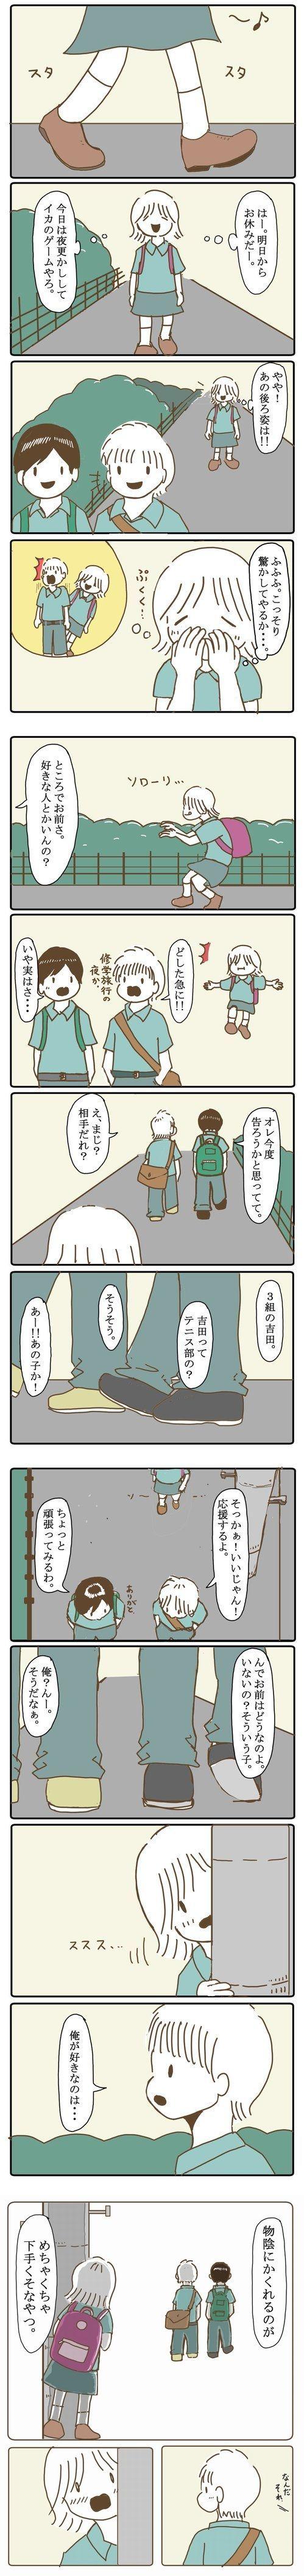 金曜日に投稿された漫画